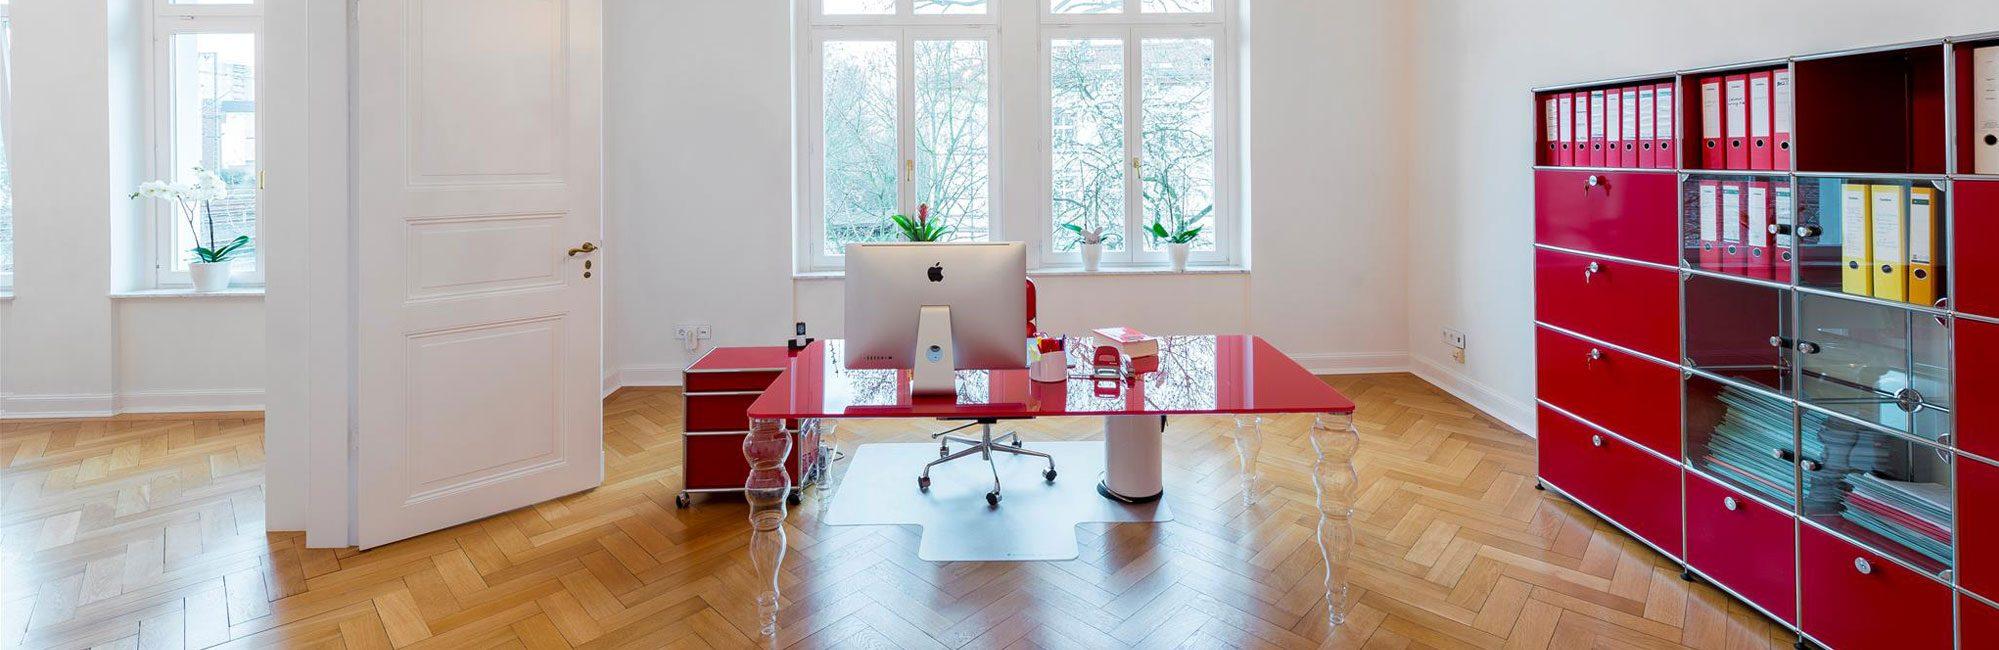 Büroraum der Anwaltskanzlei Rose in Frankfurt